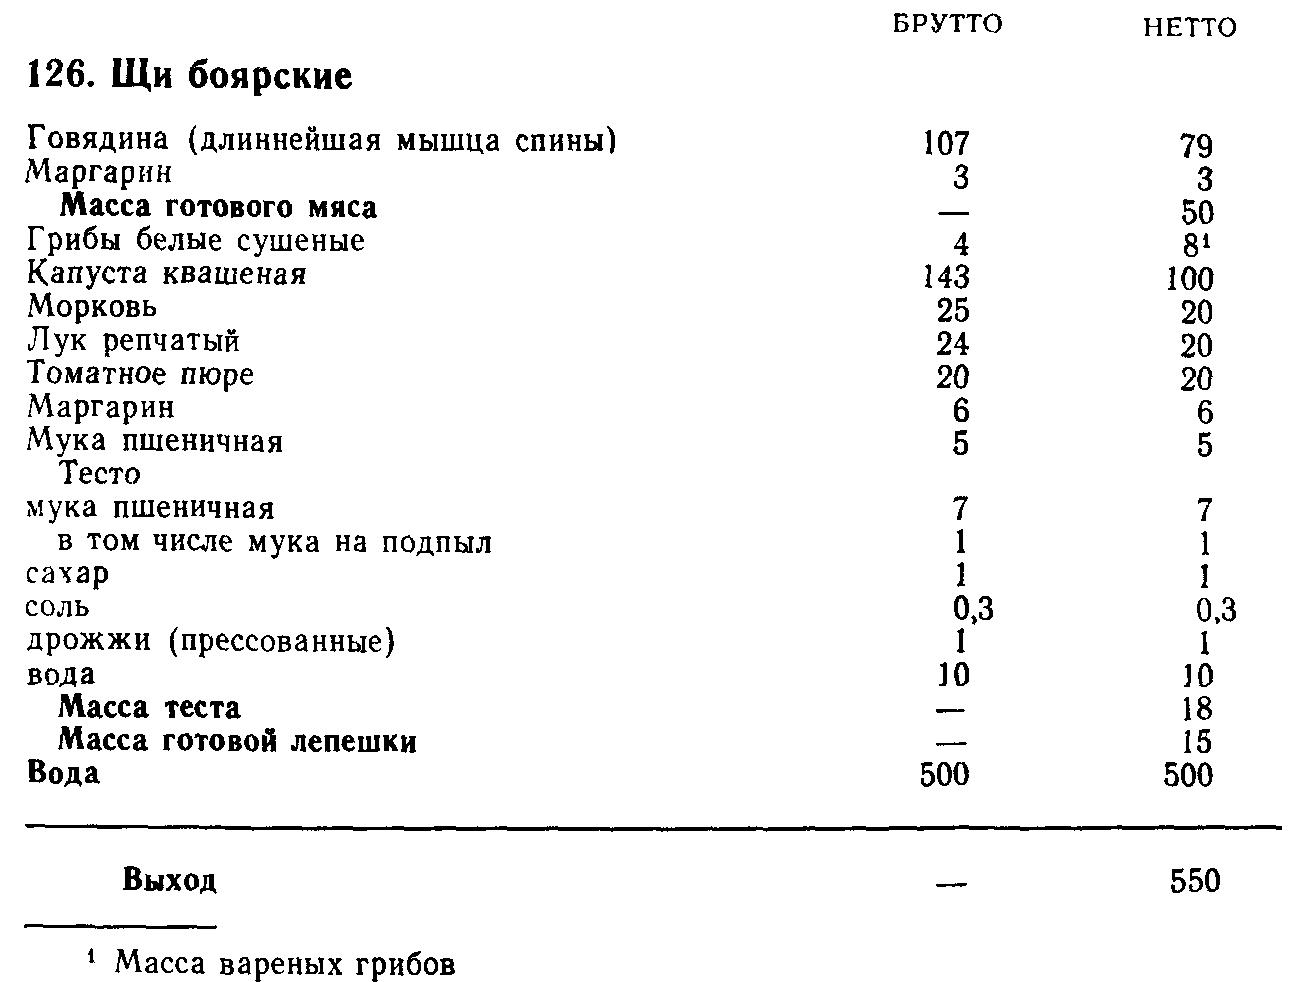 Щи боярские (ТТК5491)